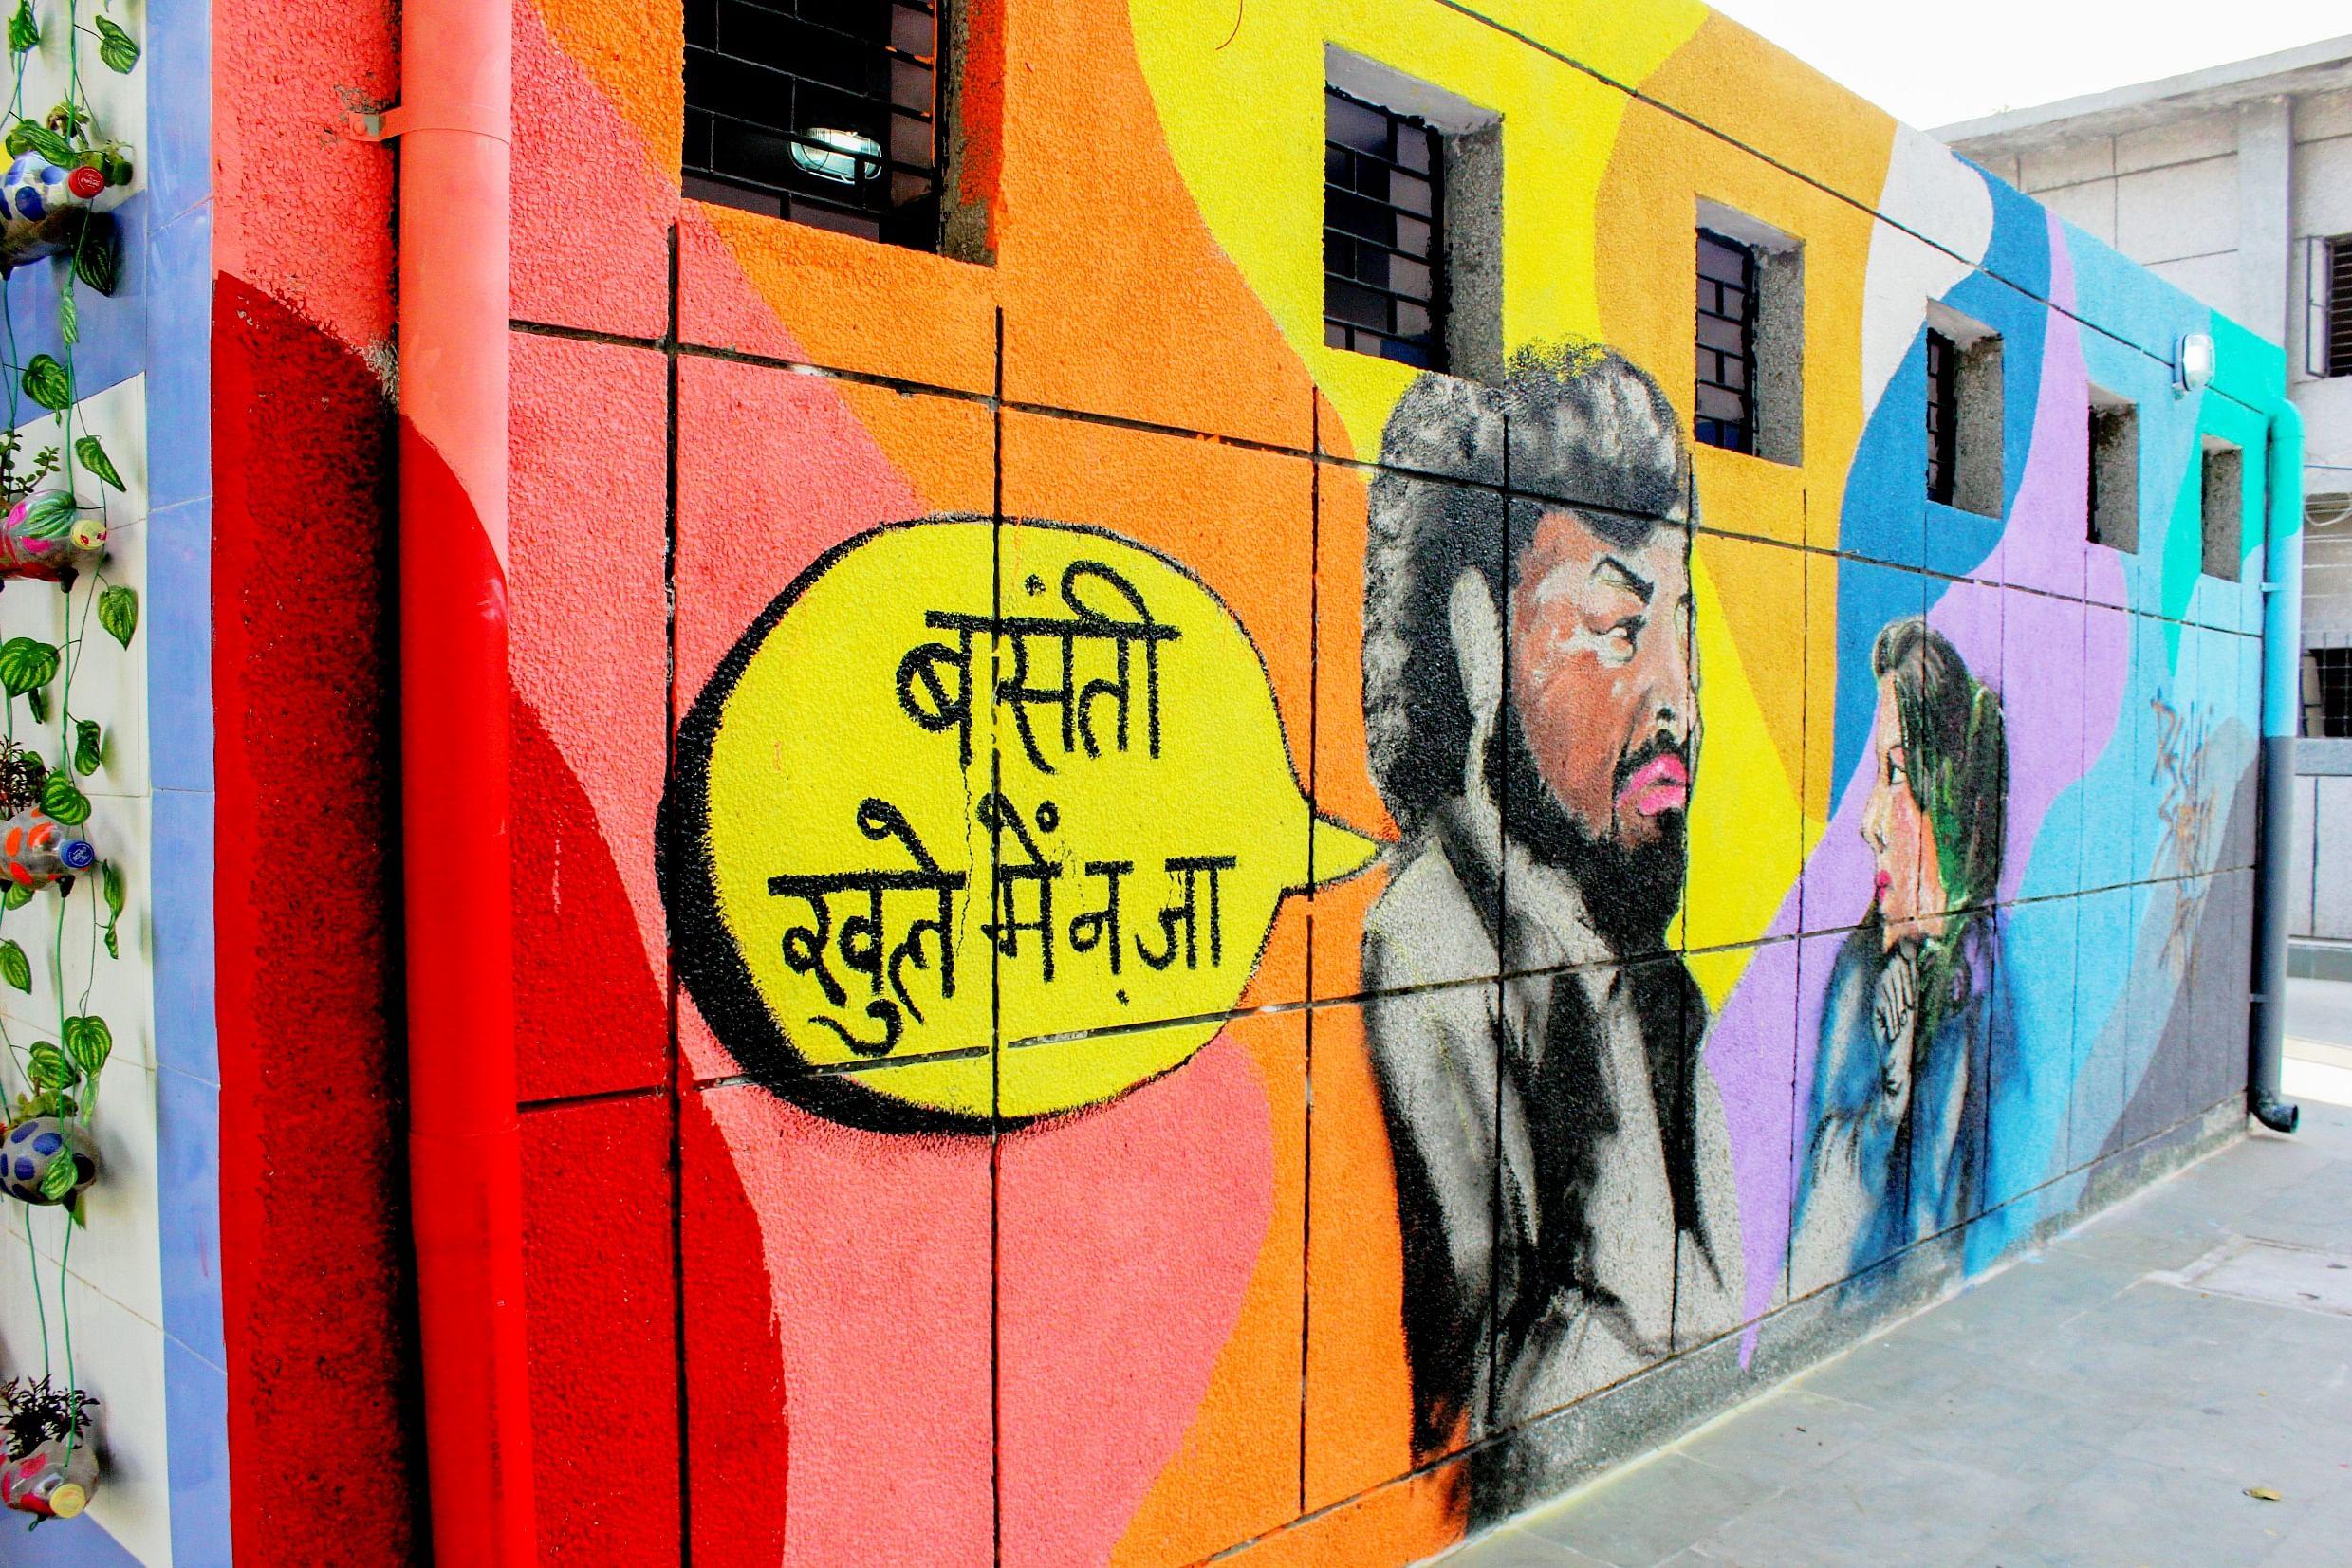 sultanpuri-wall-art